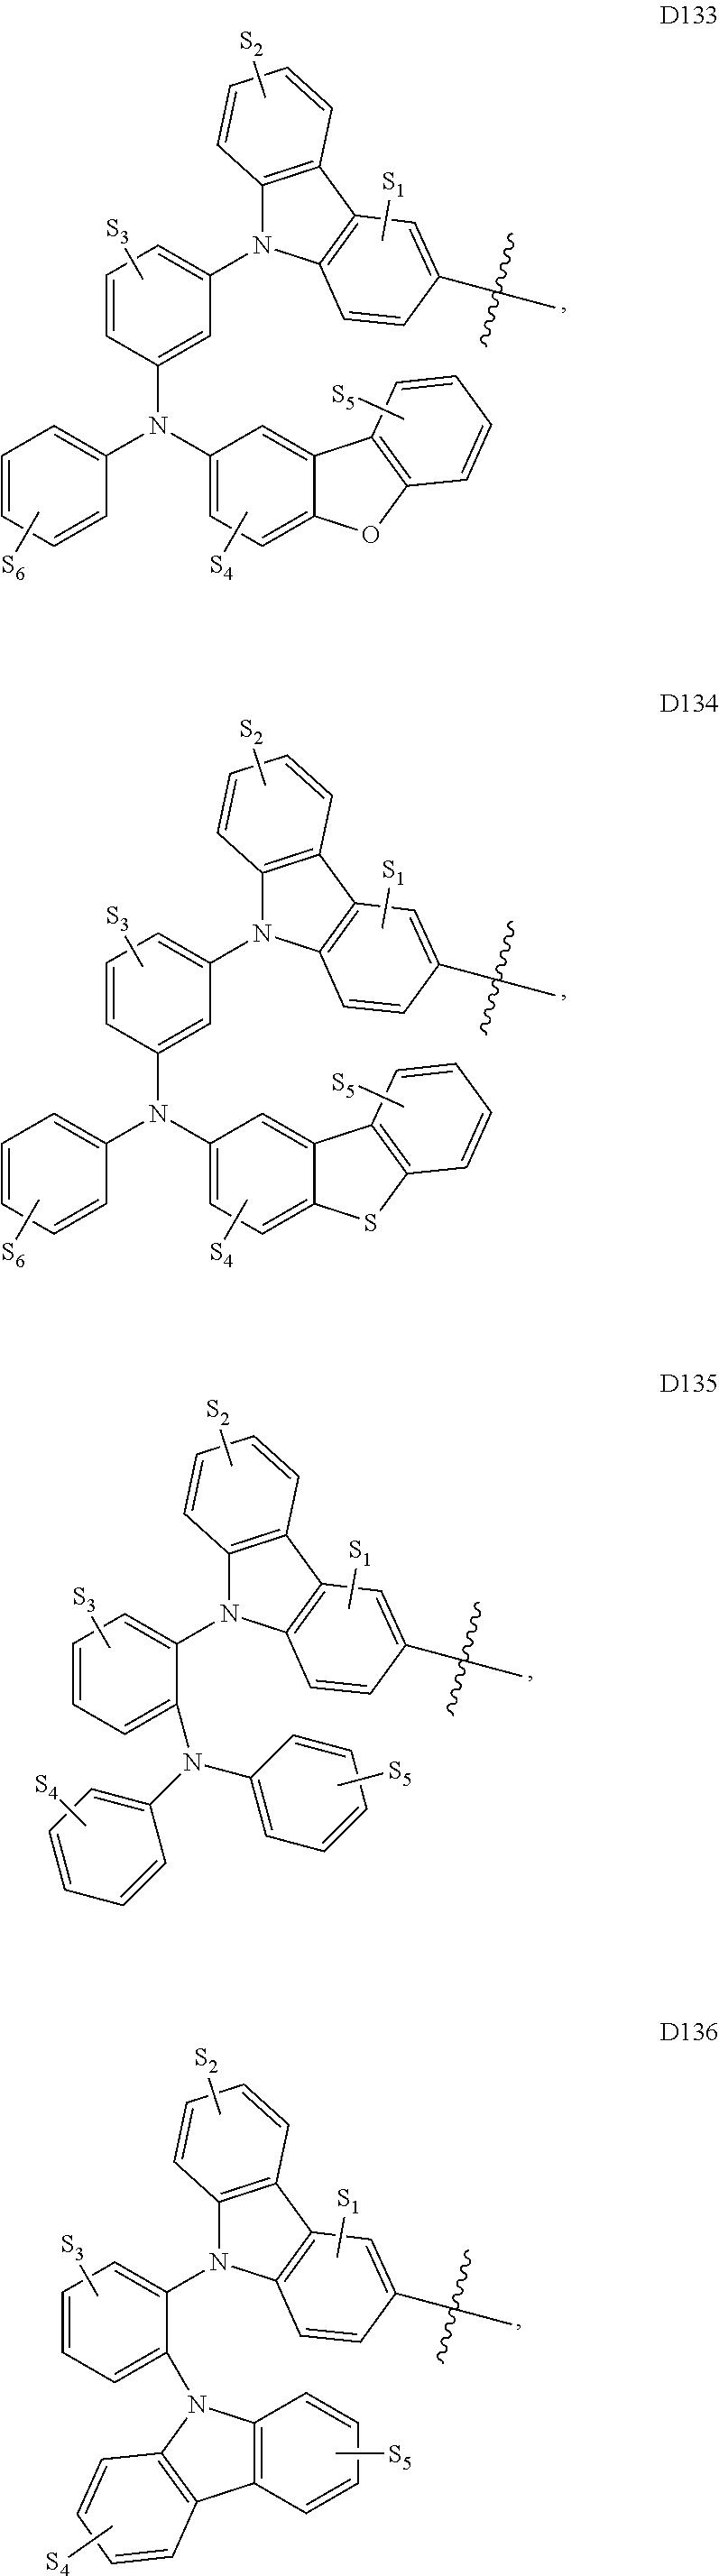 Figure US09324949-20160426-C00357